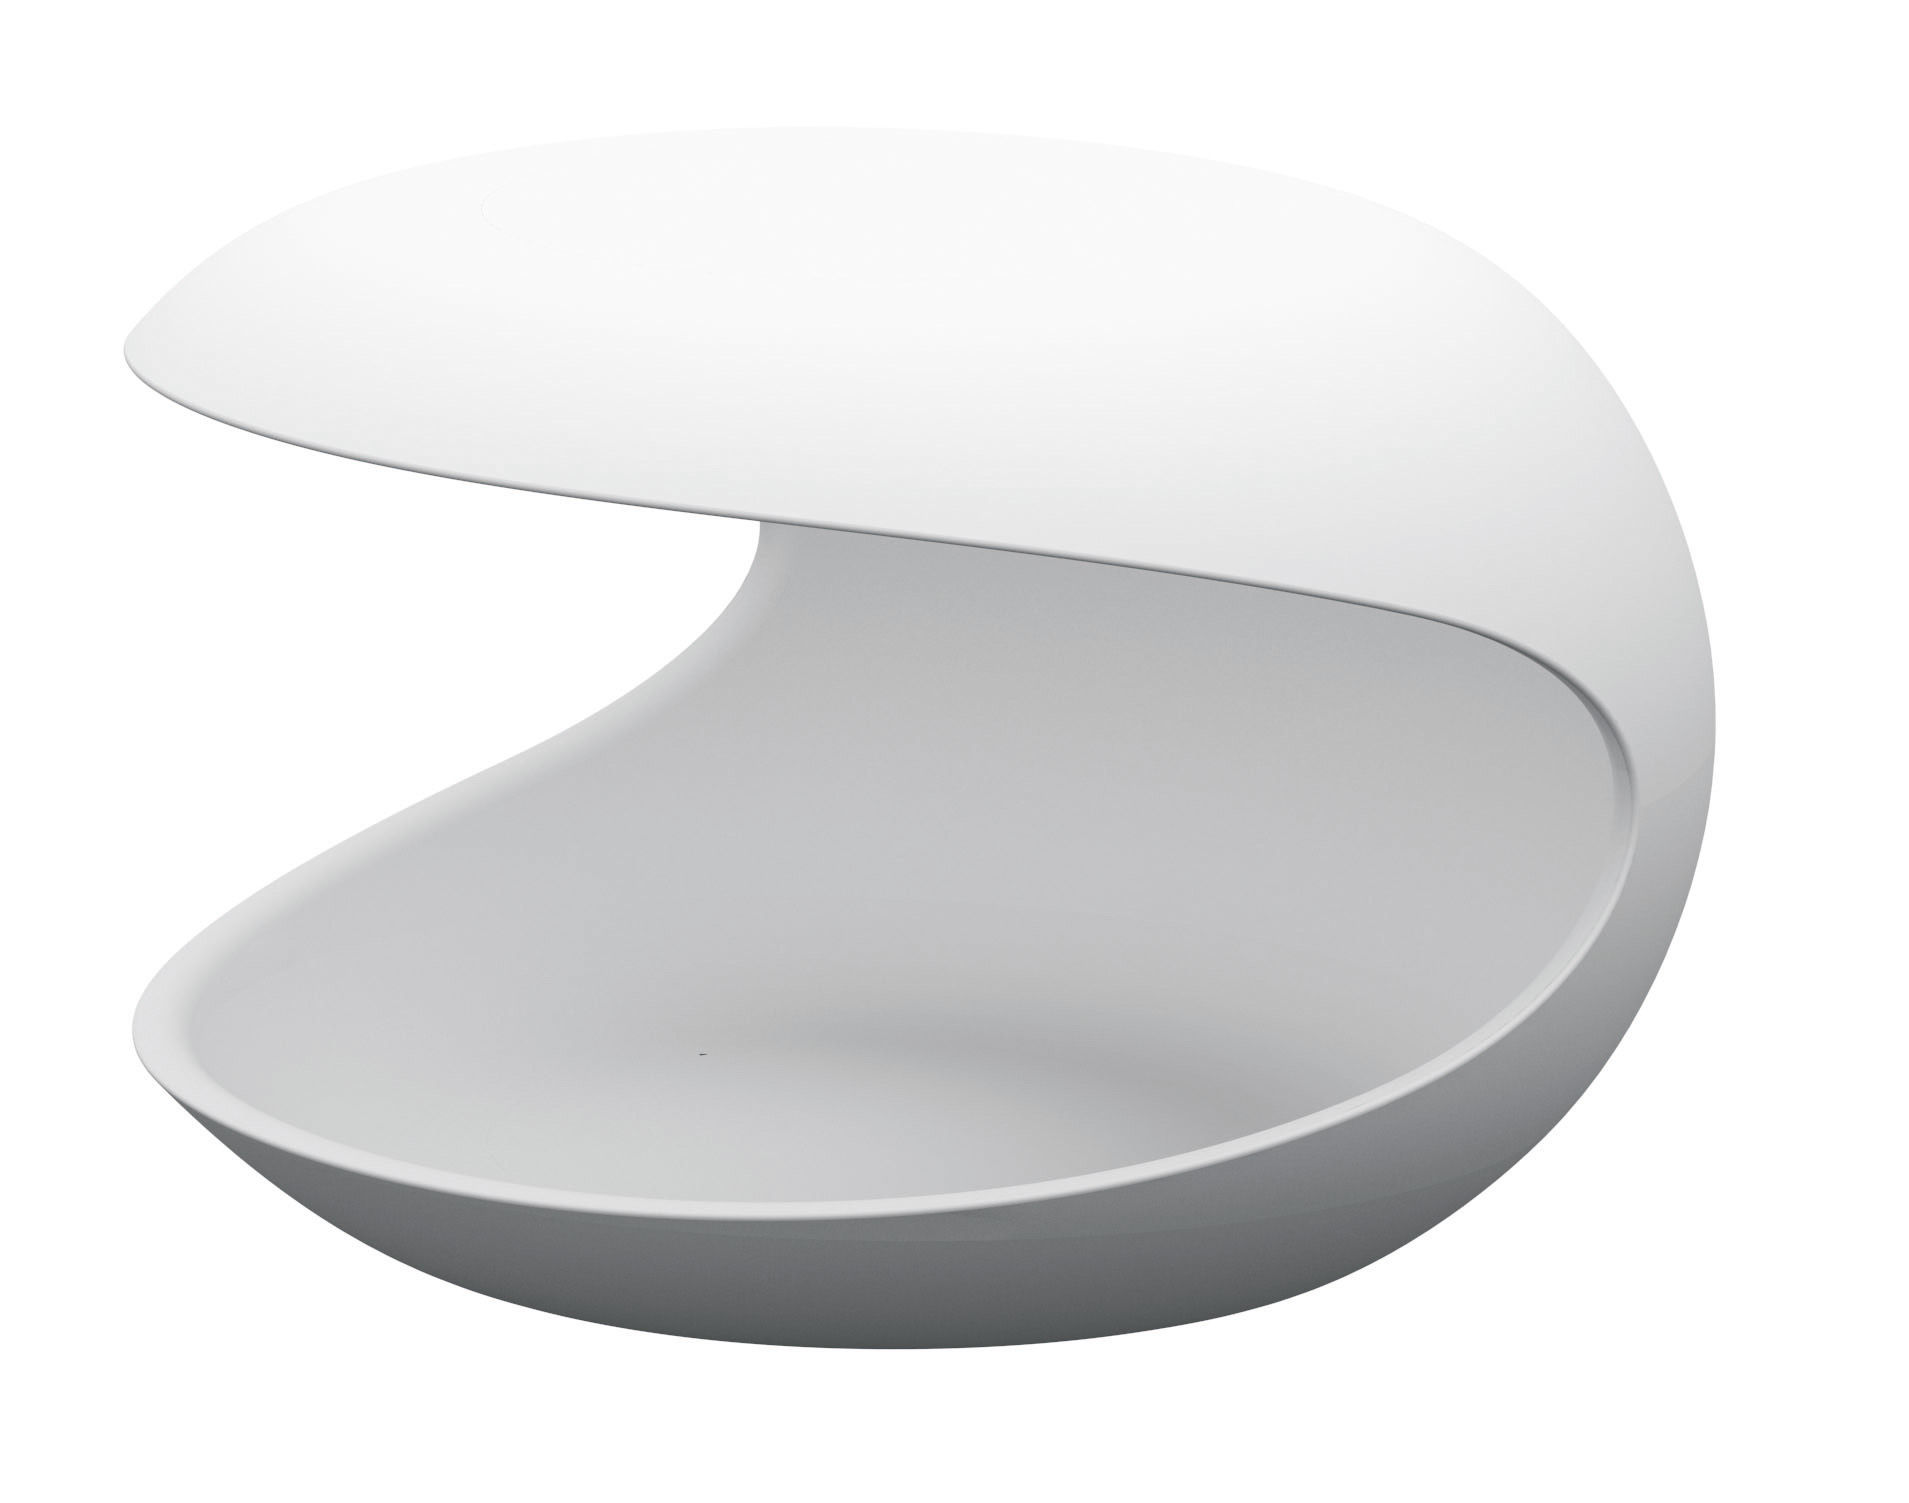 Arredamento - Tavolini  - Tavolino d'appoggio White shell di Zanotta - Bianco - Cristalplant